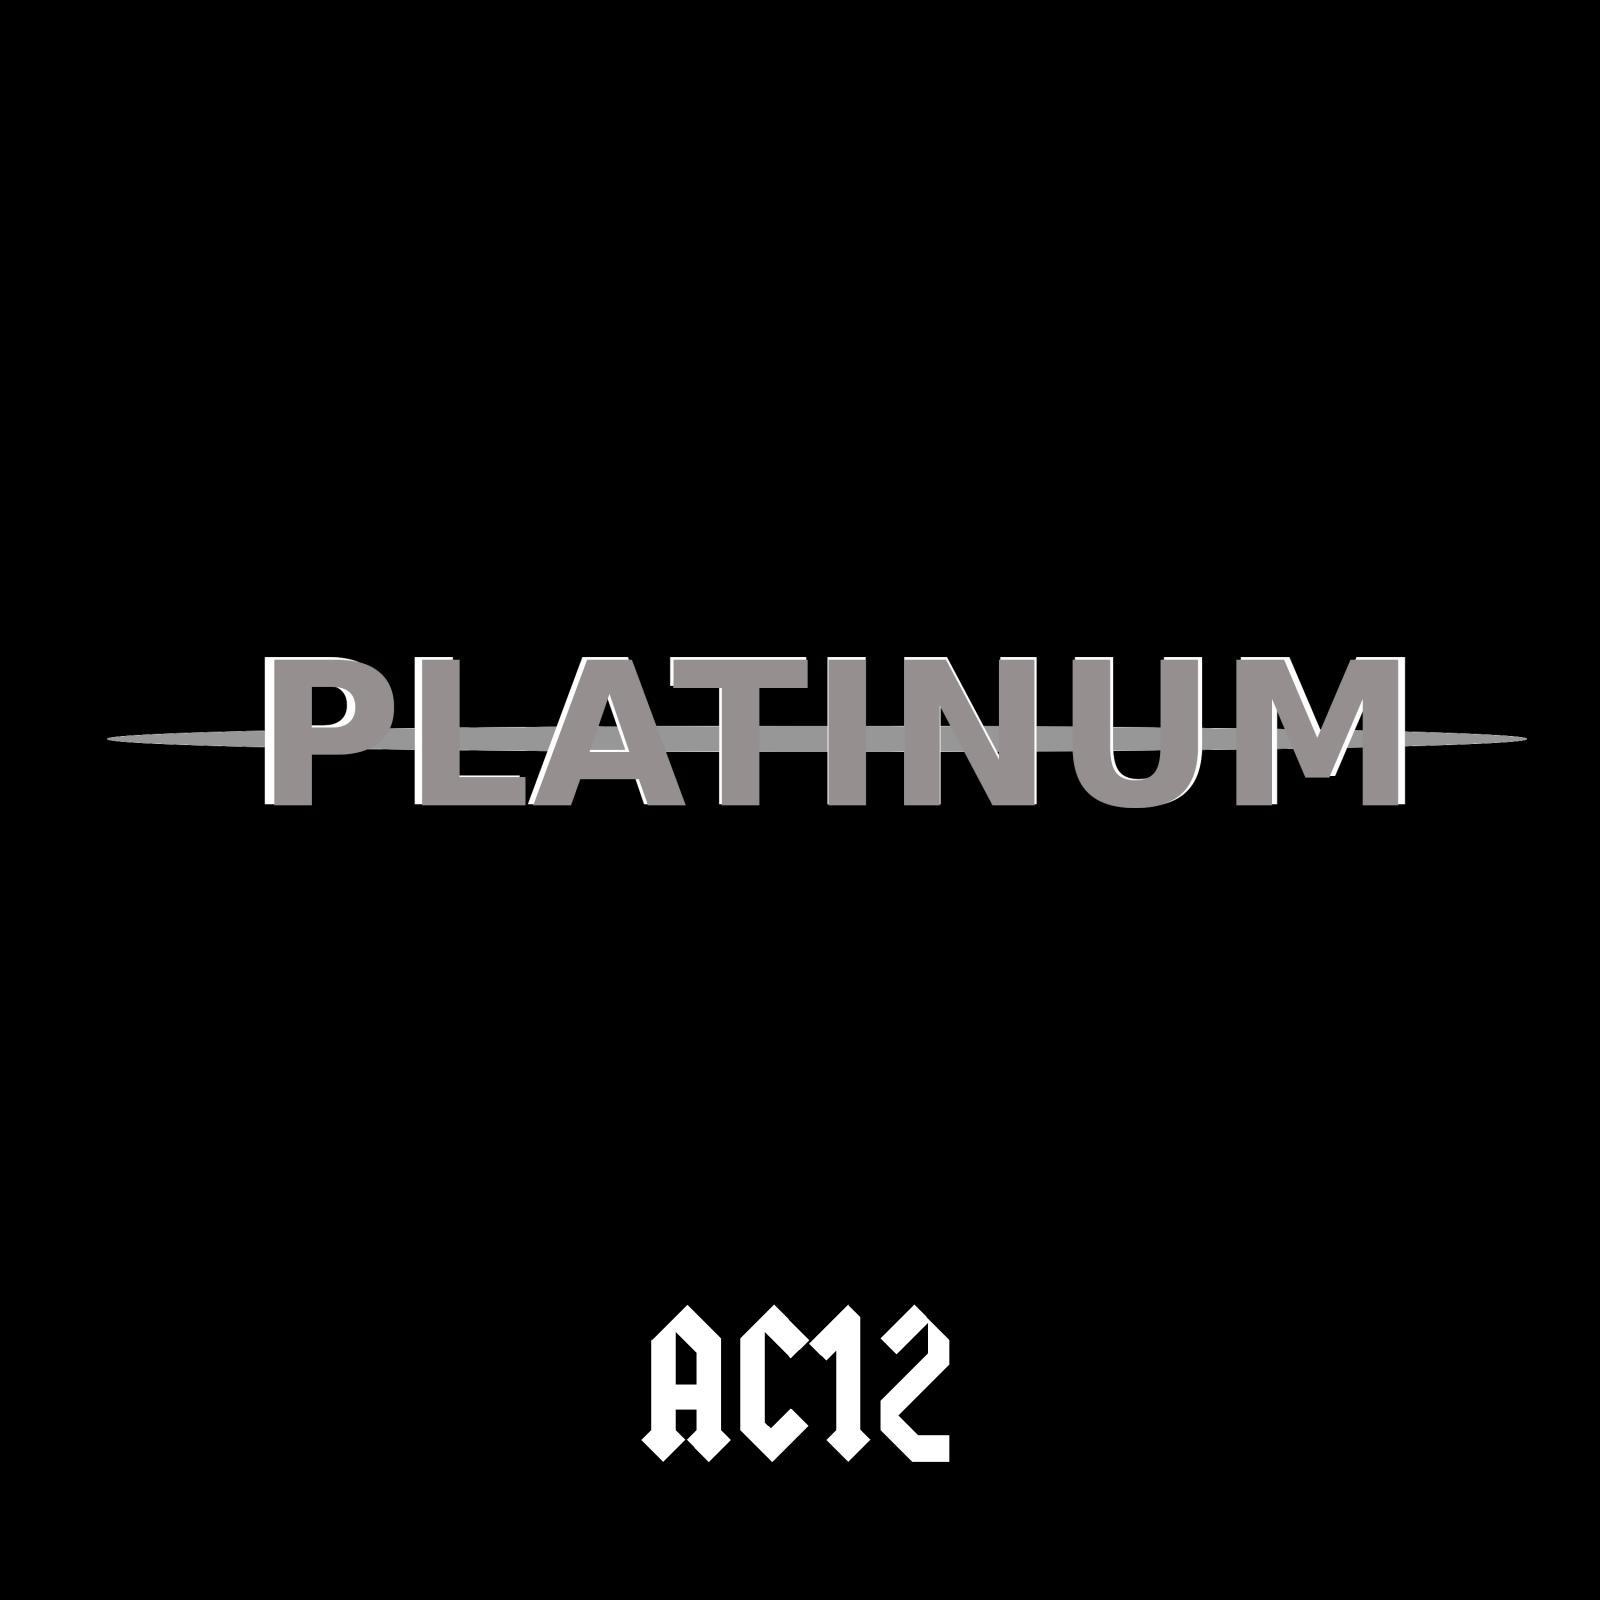 Upcoming: AC12 - Platinum